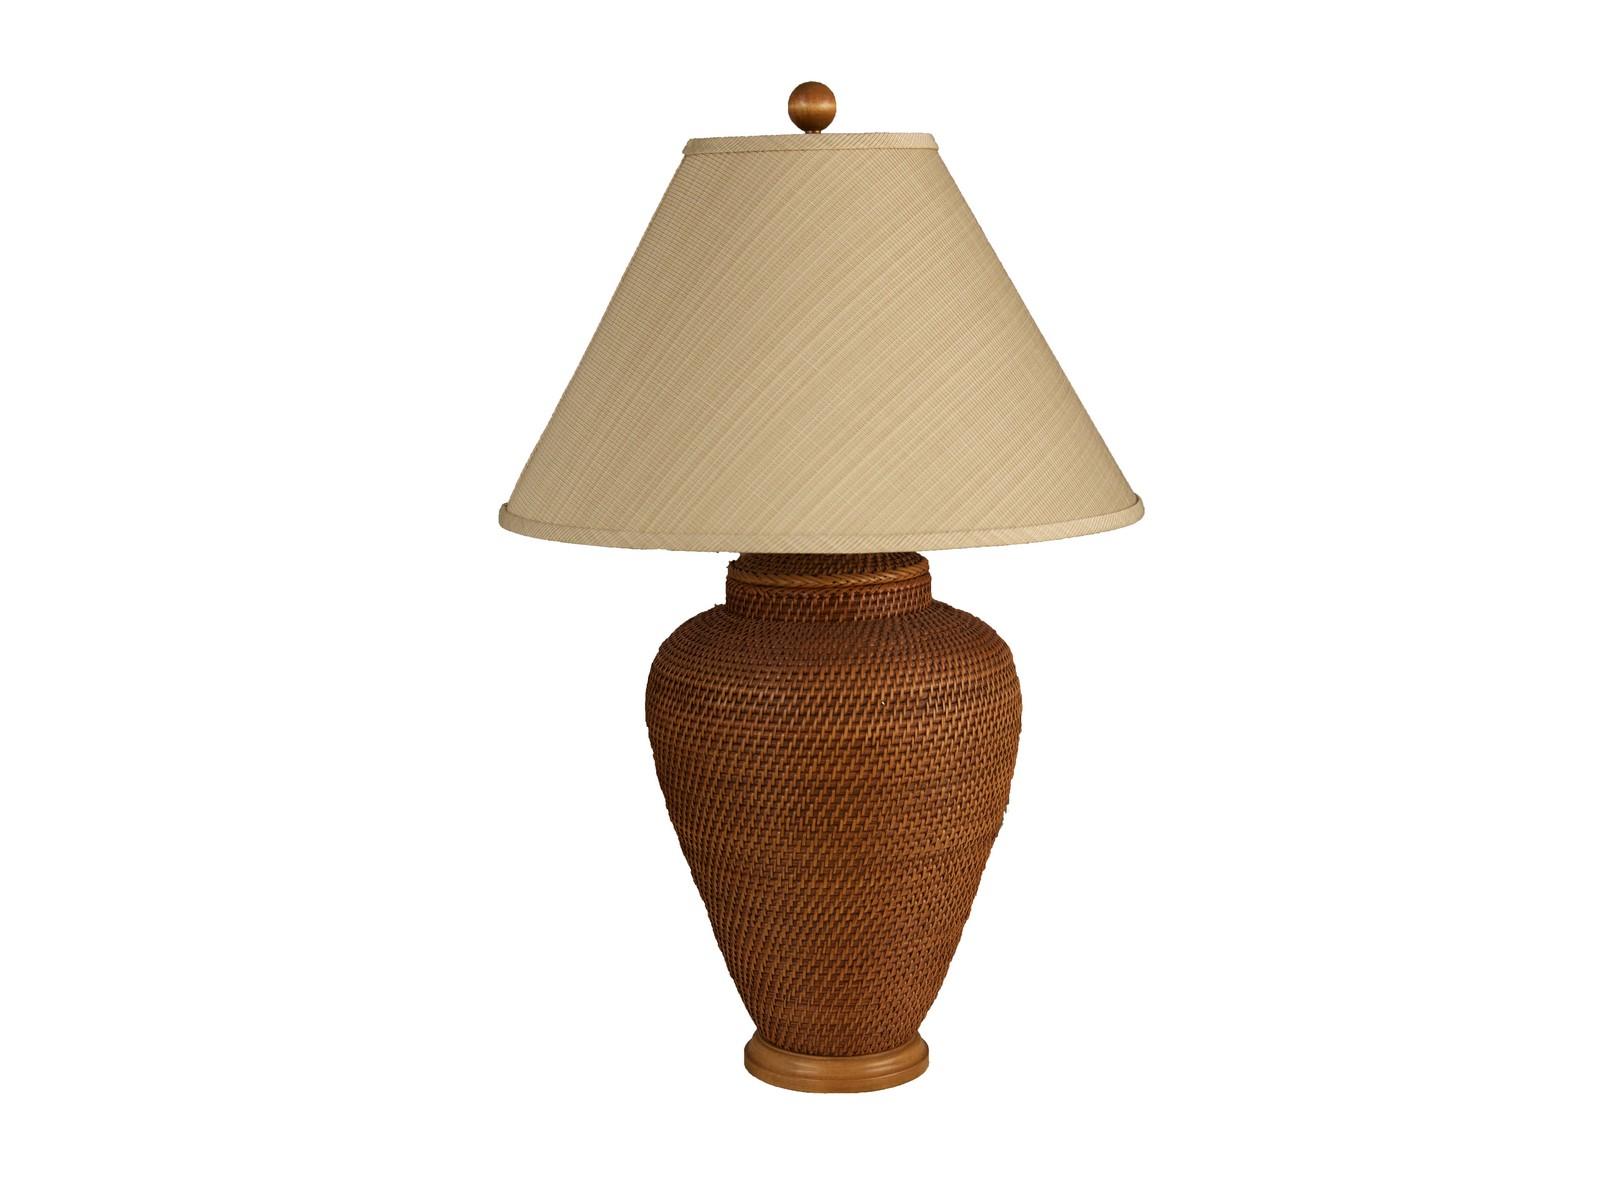 Настольная лампа YucatanДекоративные лампы<br>&amp;lt;div&amp;gt;Вид цоколя: Е27&amp;lt;/div&amp;gt;&amp;lt;div&amp;gt;Мощность лампы: 60W&amp;lt;/div&amp;gt;&amp;lt;div&amp;gt;Количество ламп: 1&amp;lt;/div&amp;gt;&amp;lt;div&amp;gt;Наличие ламп: нет&amp;lt;/div&amp;gt;<br><br>Material: Дерево<br>Height см: 78,8<br>Diameter см: 30,5